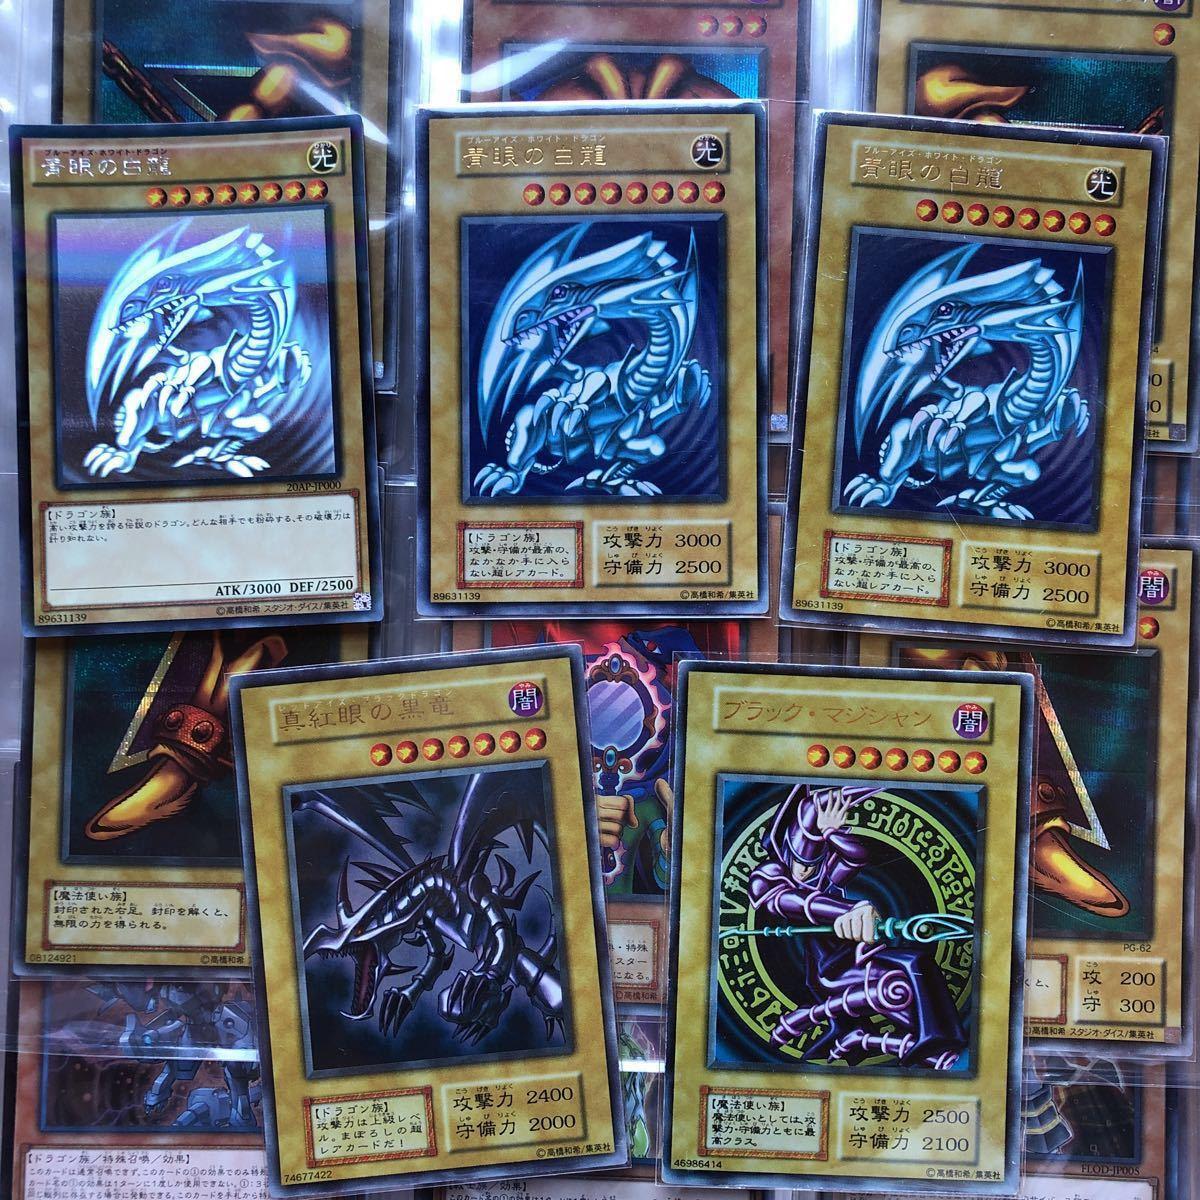 1スタ 遊戯王カード 引退品 ブルーアイズデッキ 初期 スーパーレア ウルトラレア シー